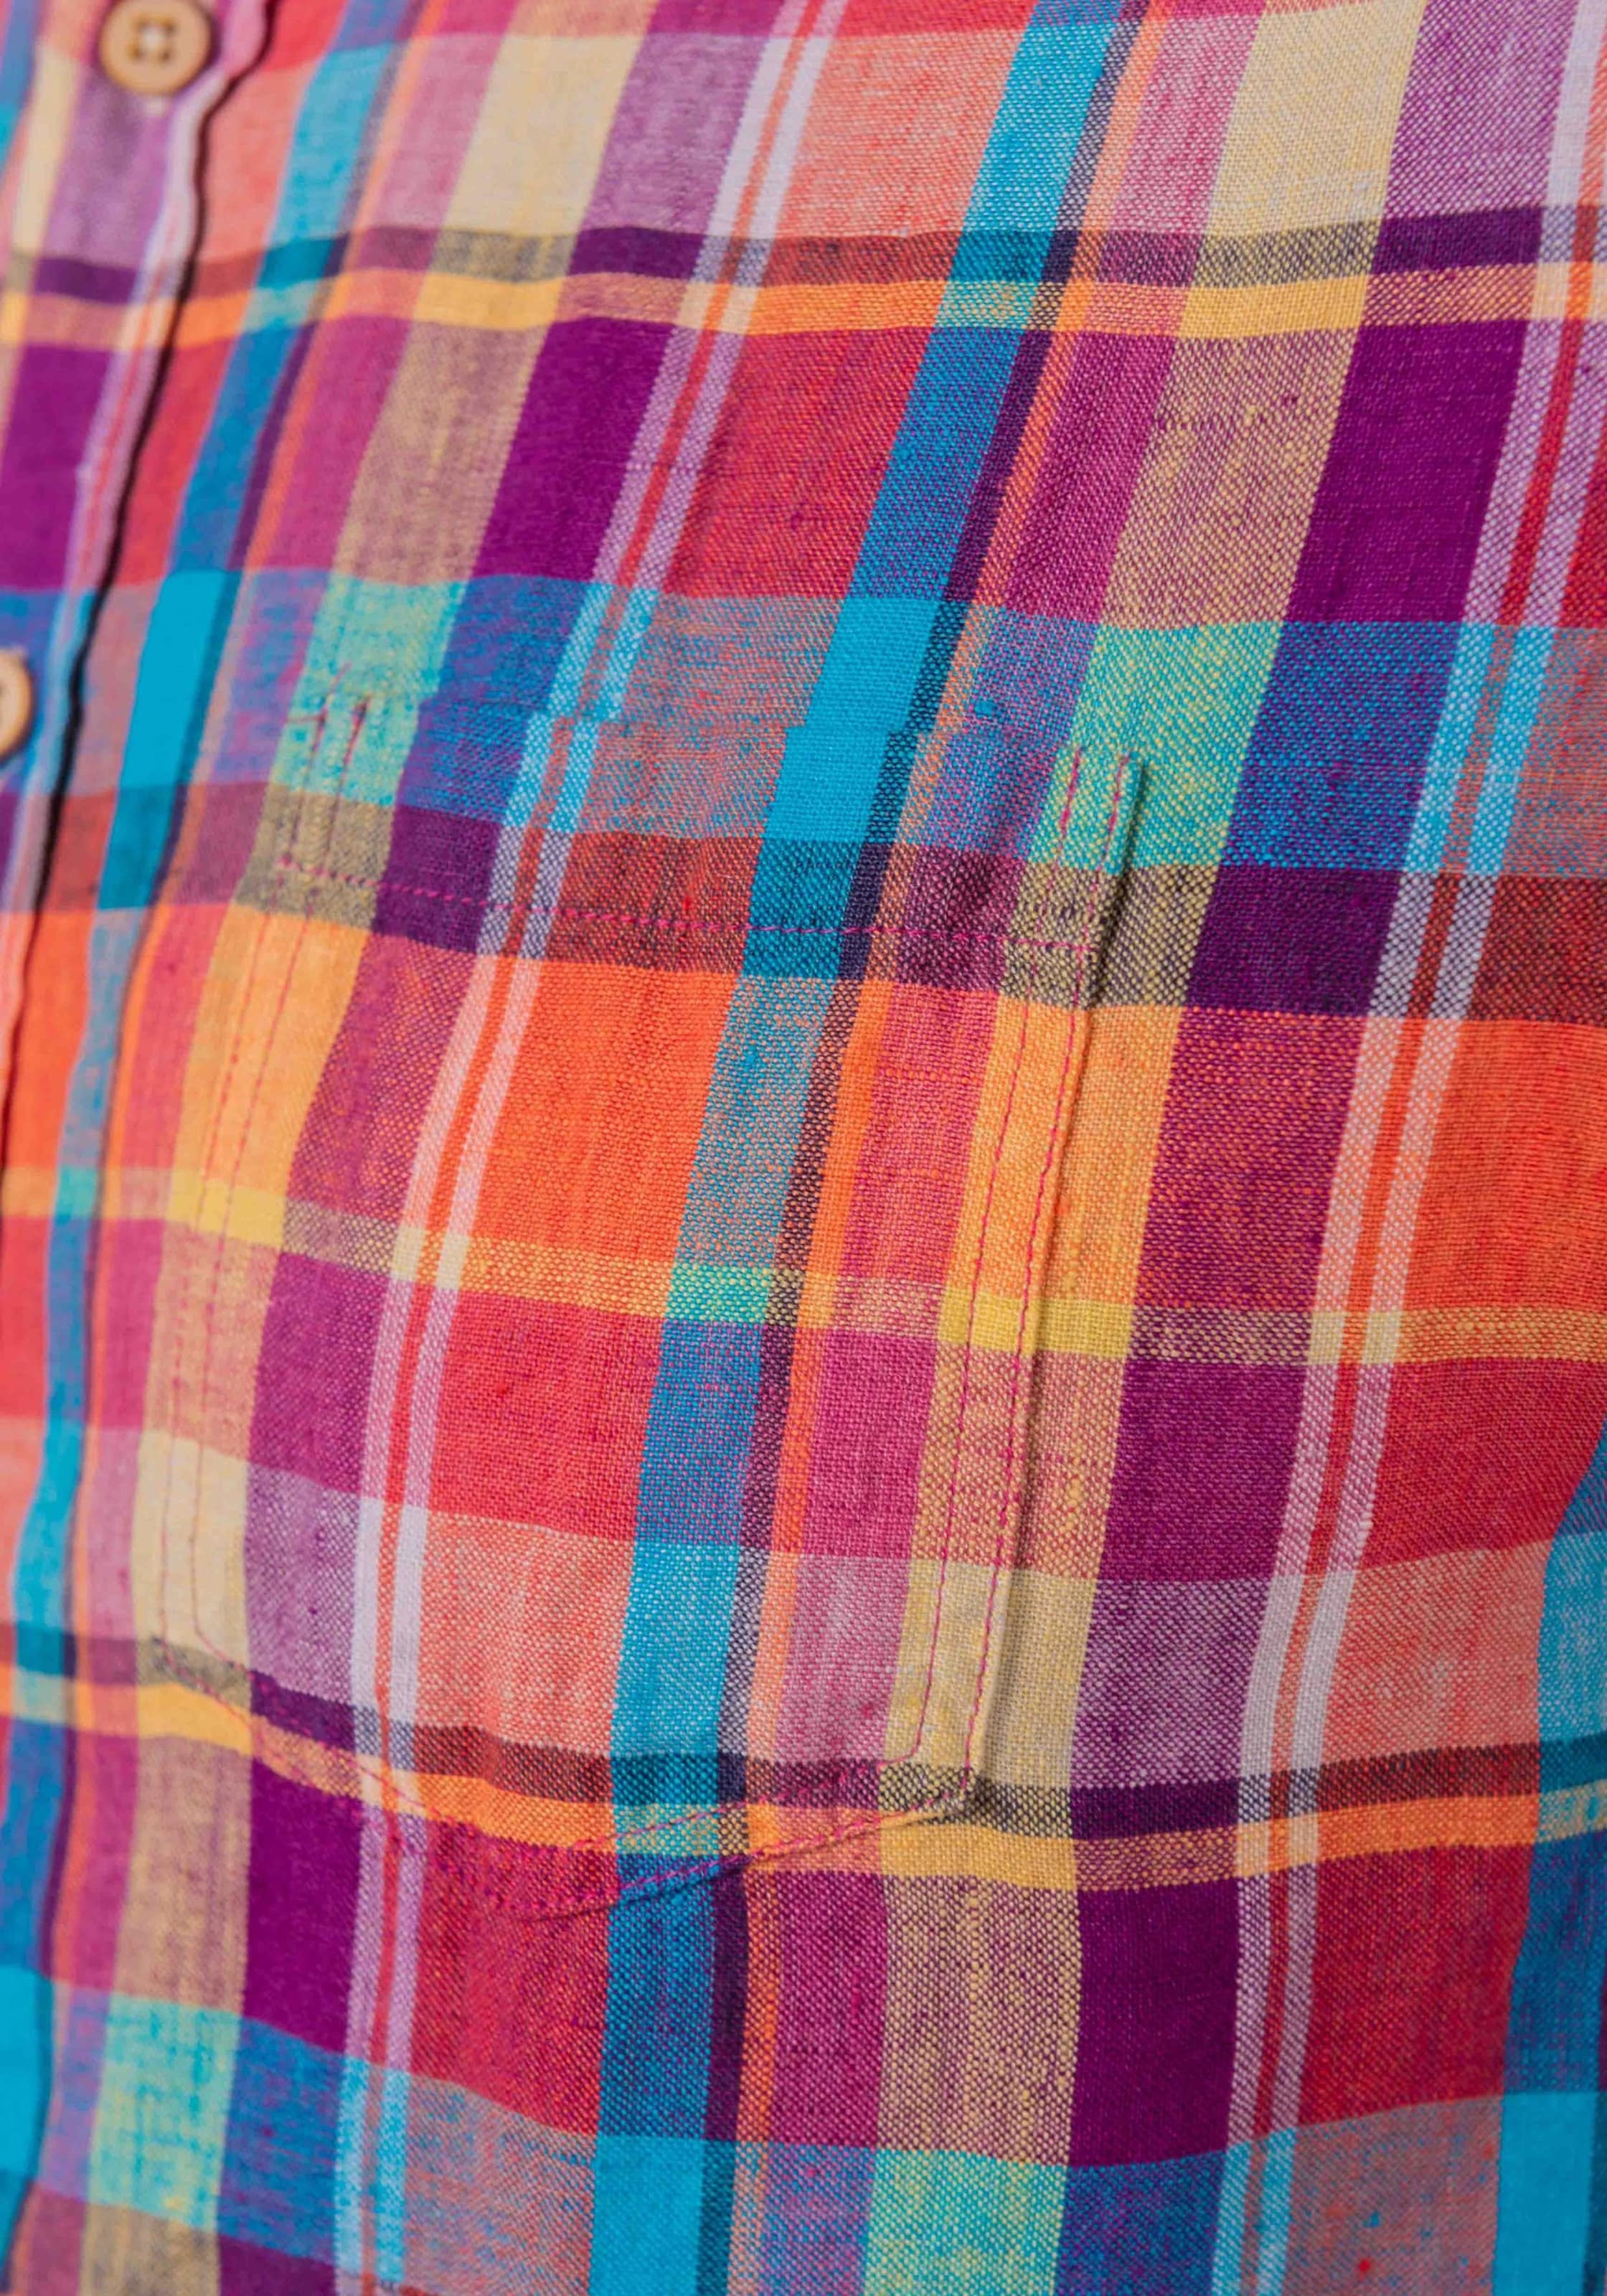 In Sons Leinenhemd Linen Rot Orange 'leon Check' HellblauMischfarben Coloursamp; KJc3TFl1